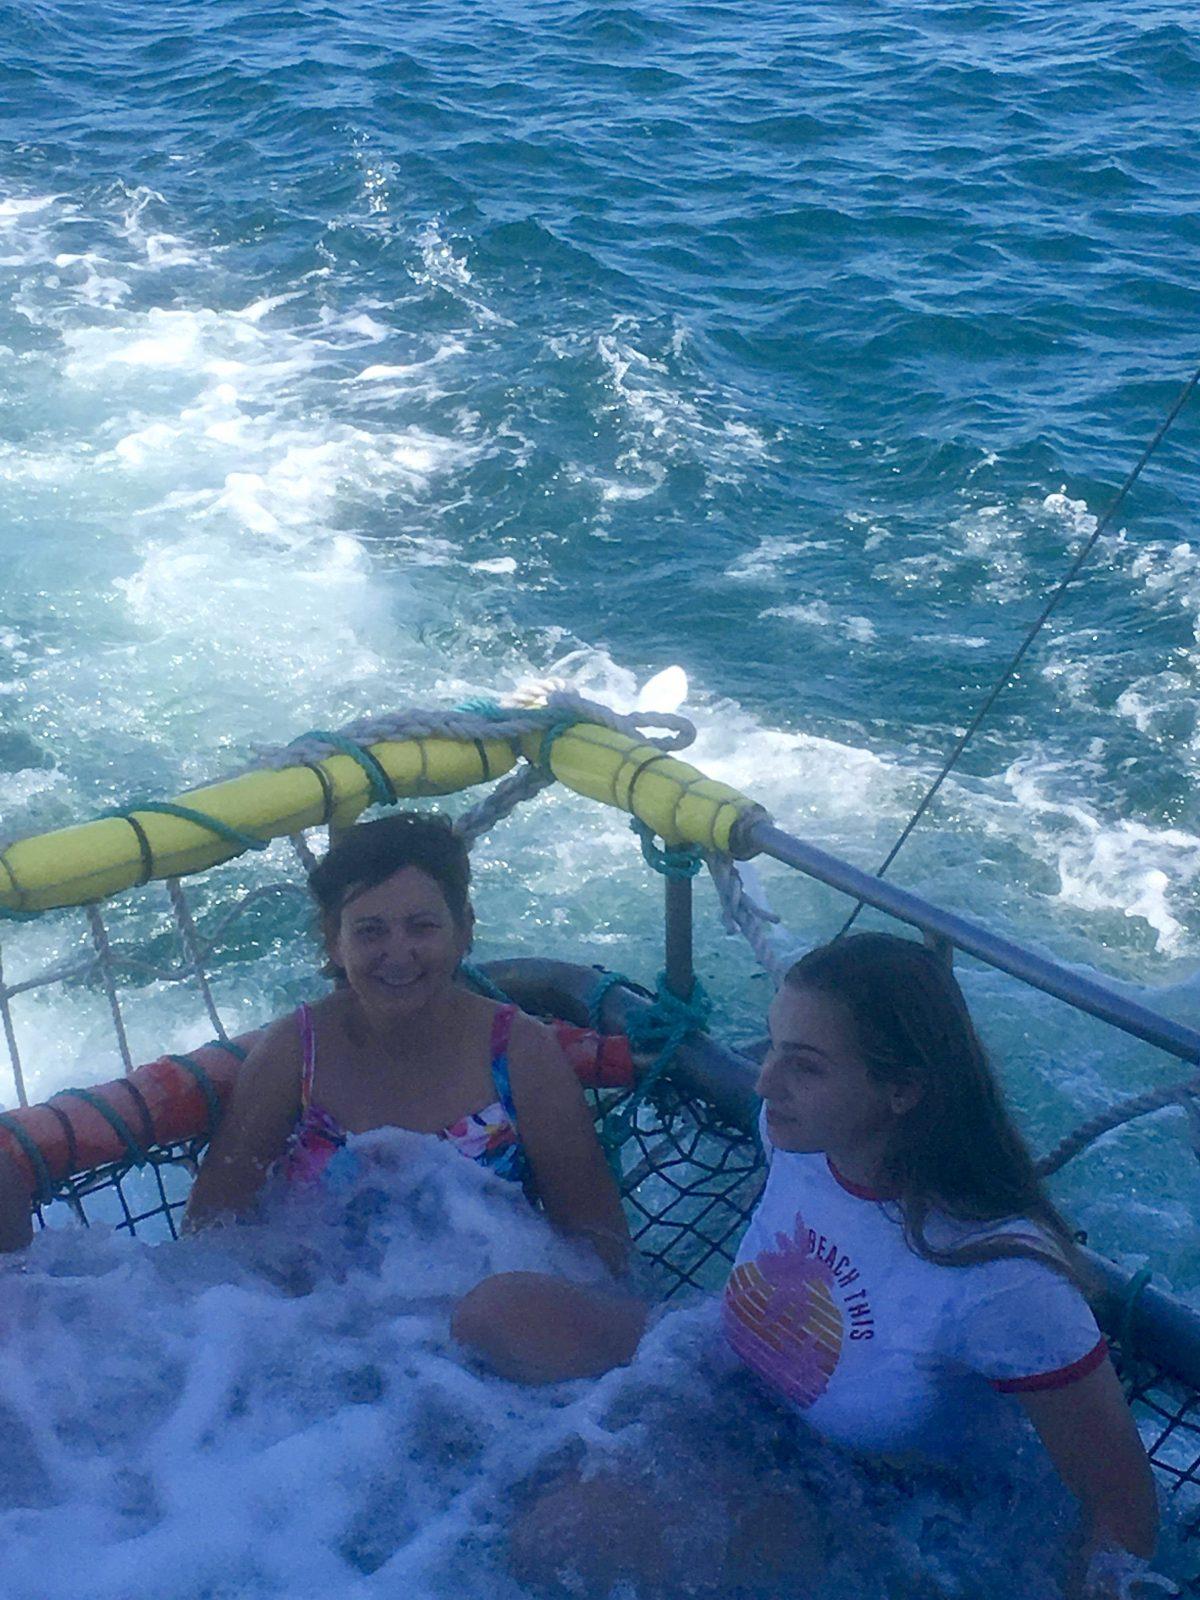 Boom netting fun